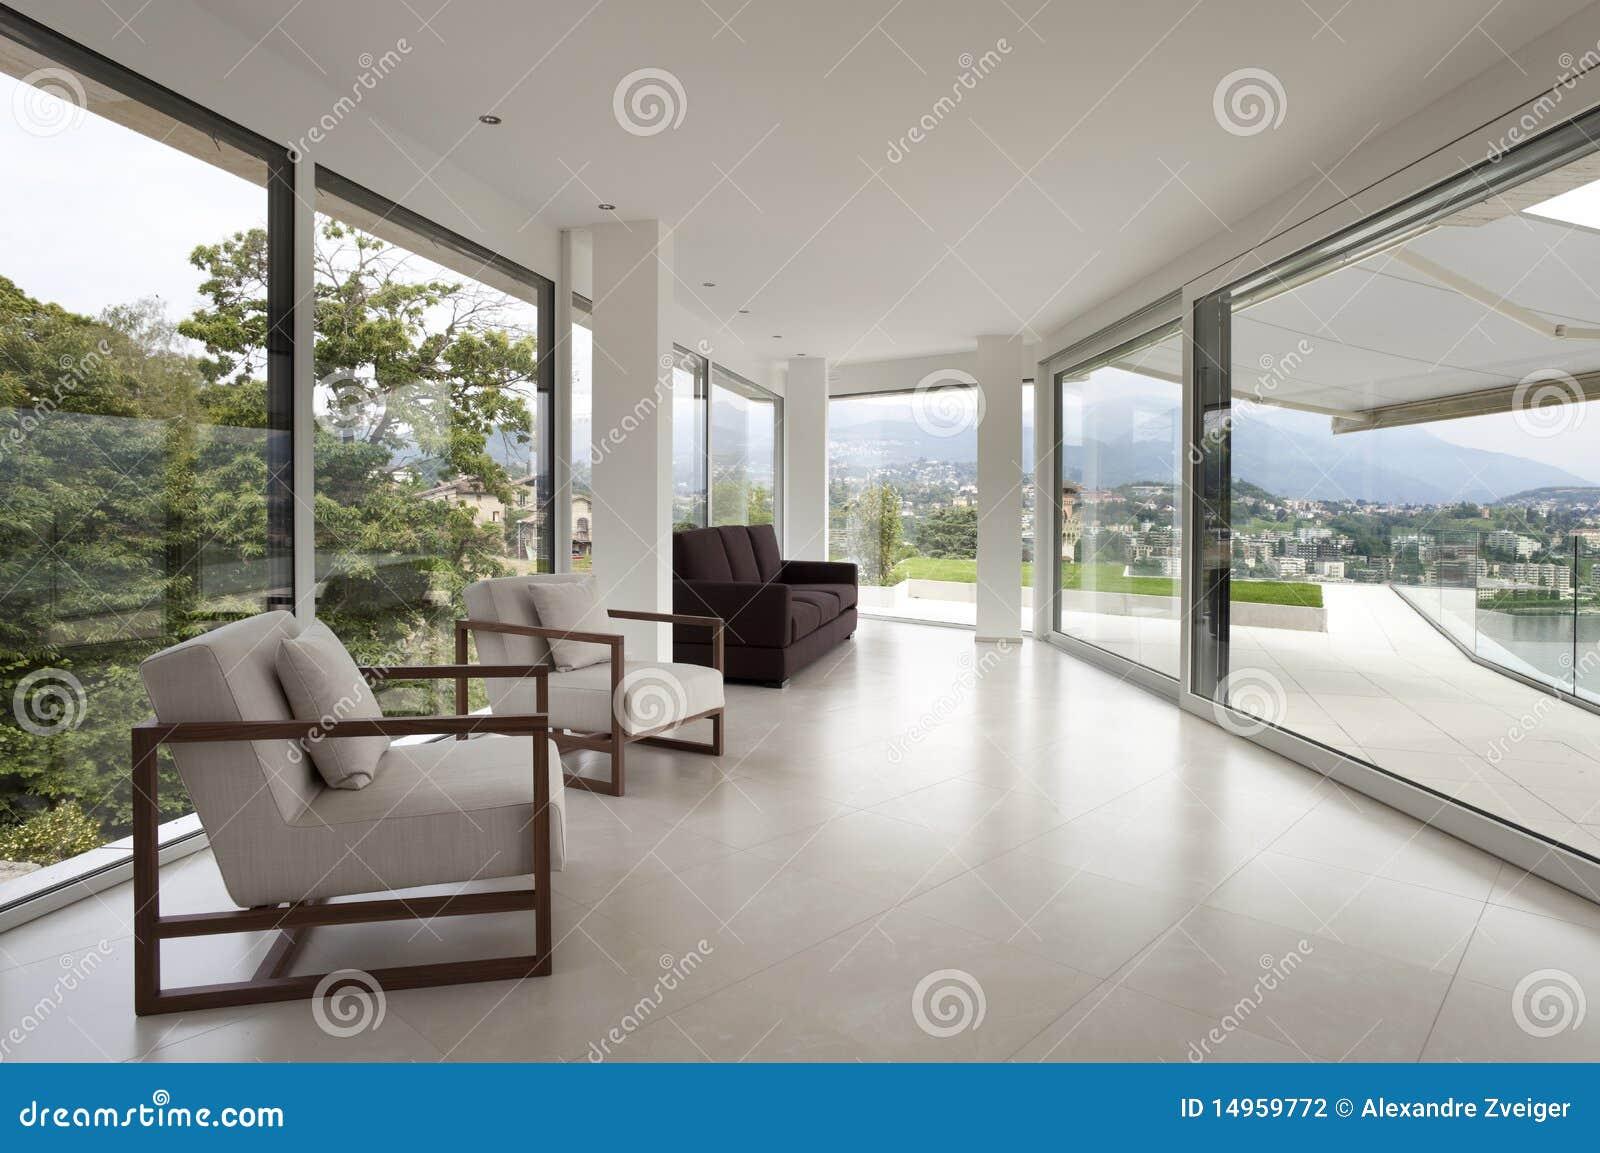 Bel int rieur d 39 une maison moderne photographie stock - Interieur de maison contemporaine ...